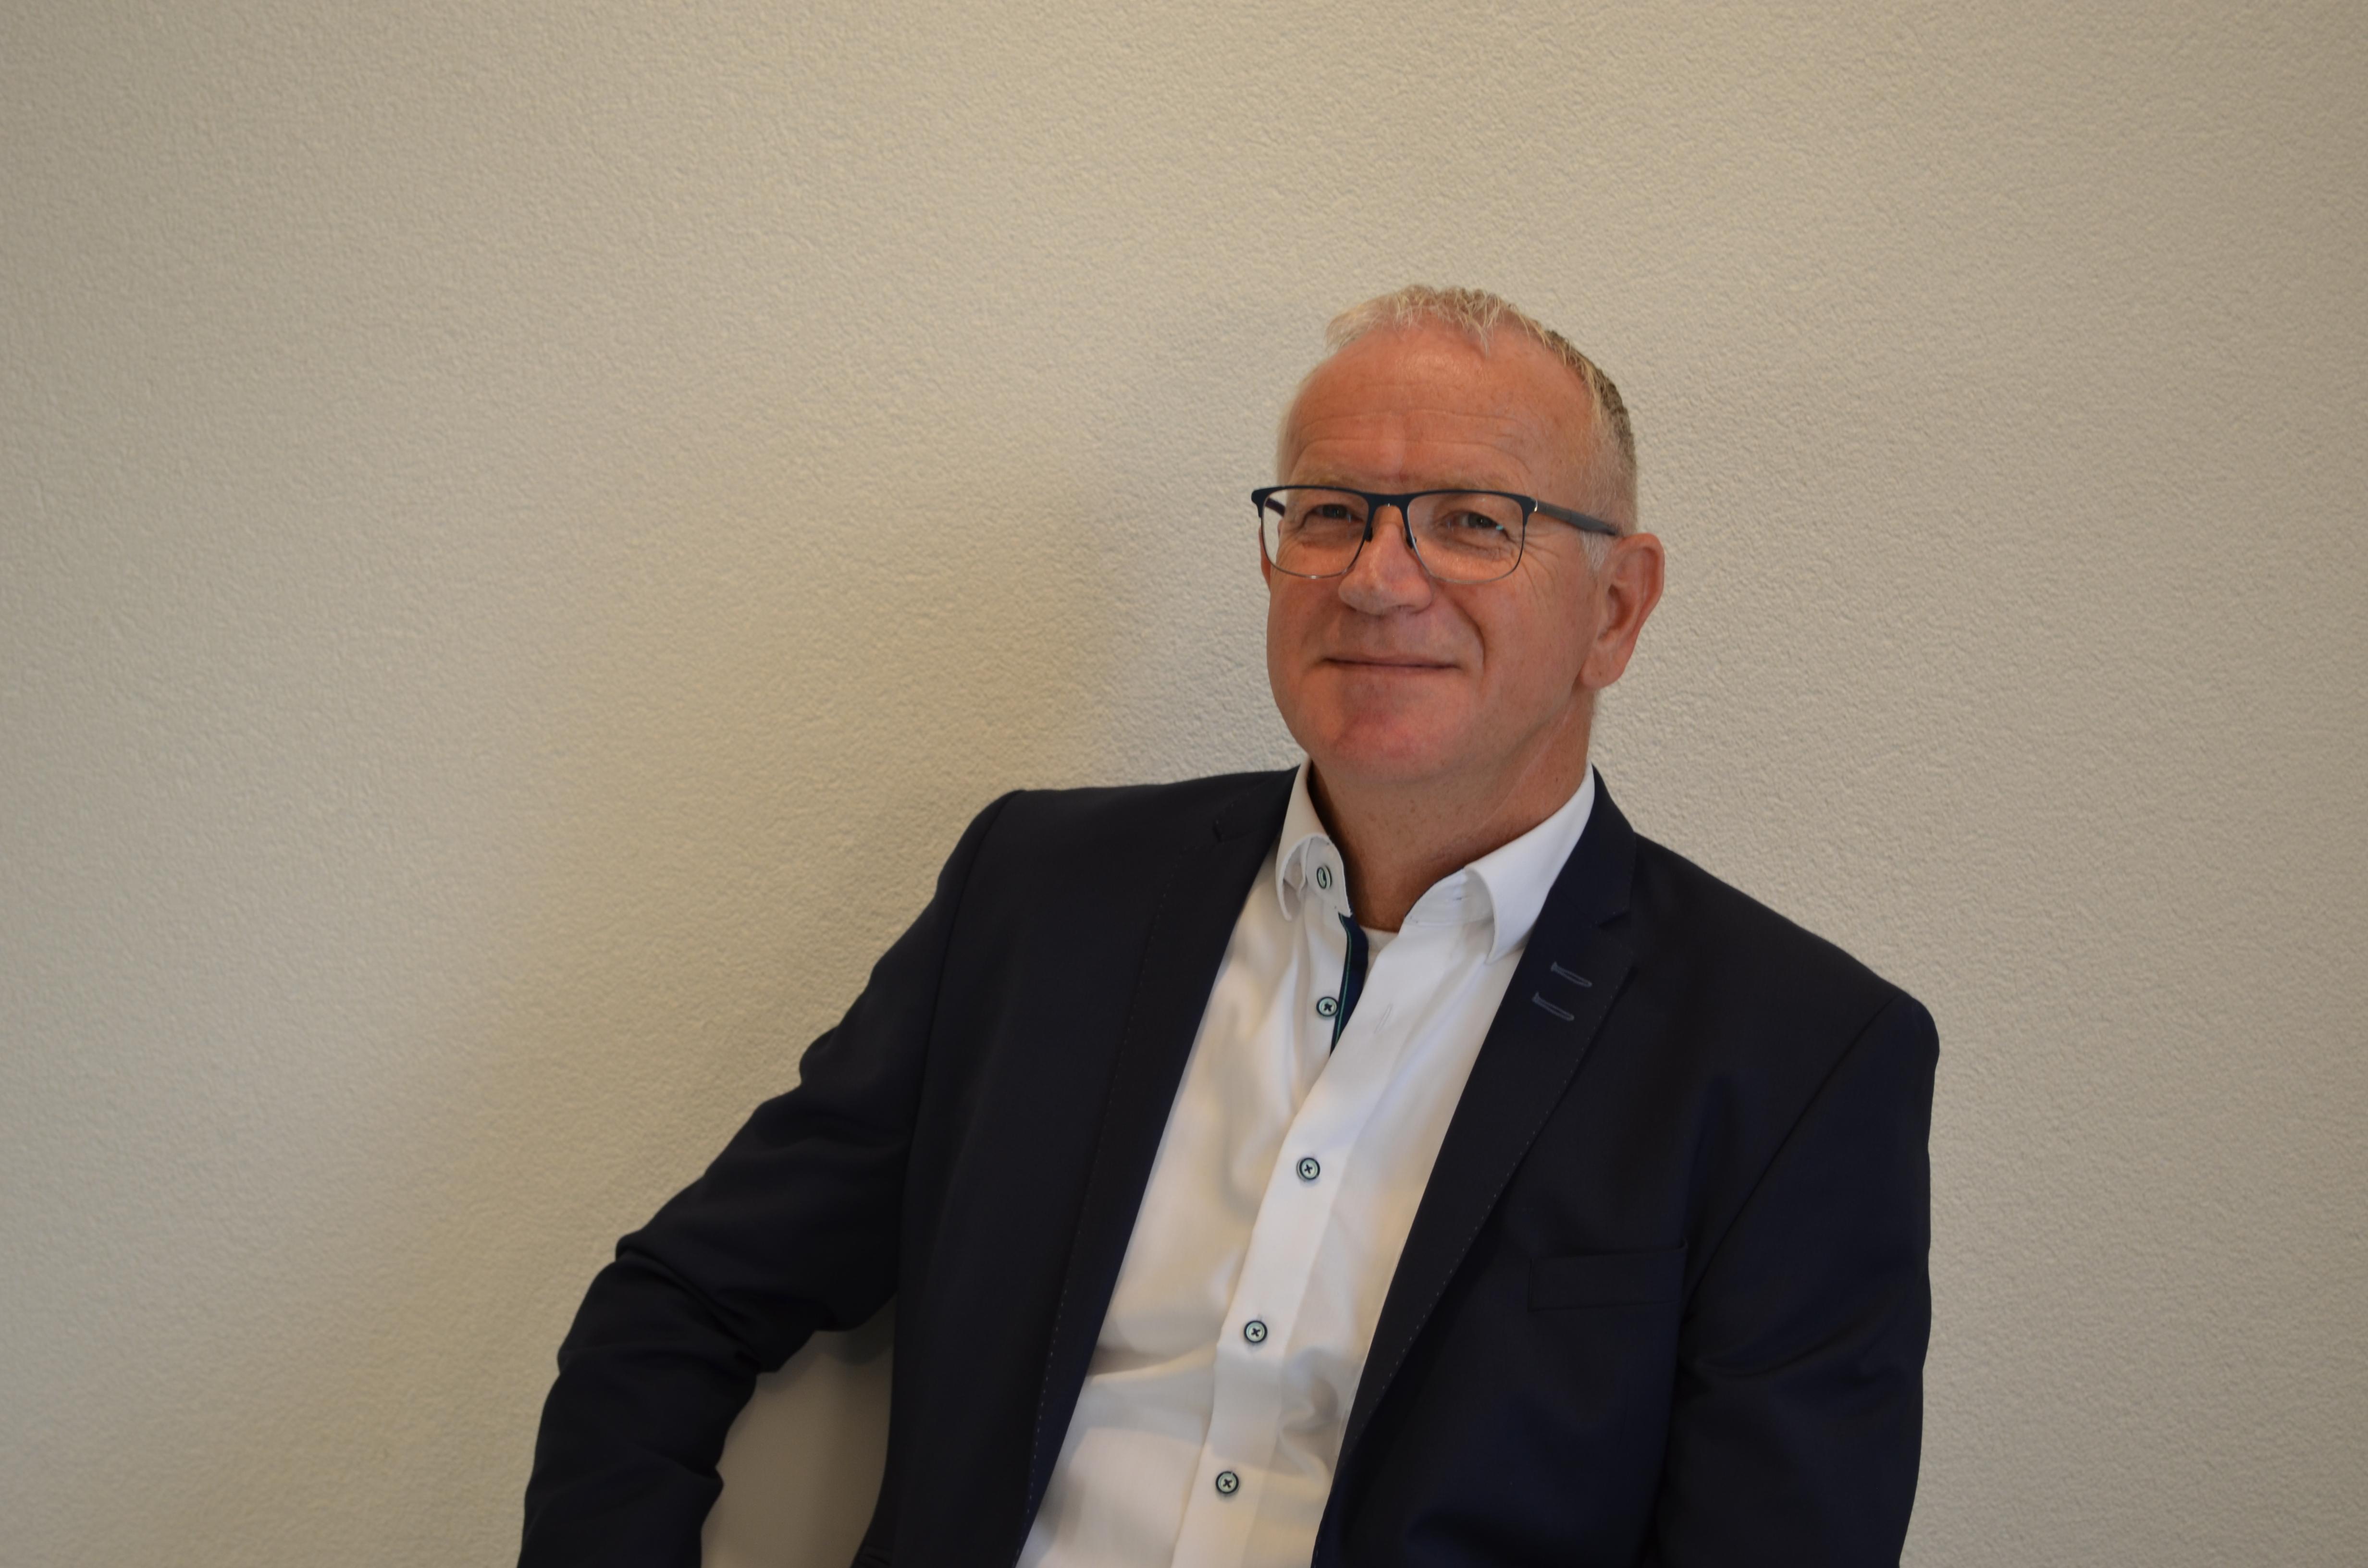 Henk Gerritsen